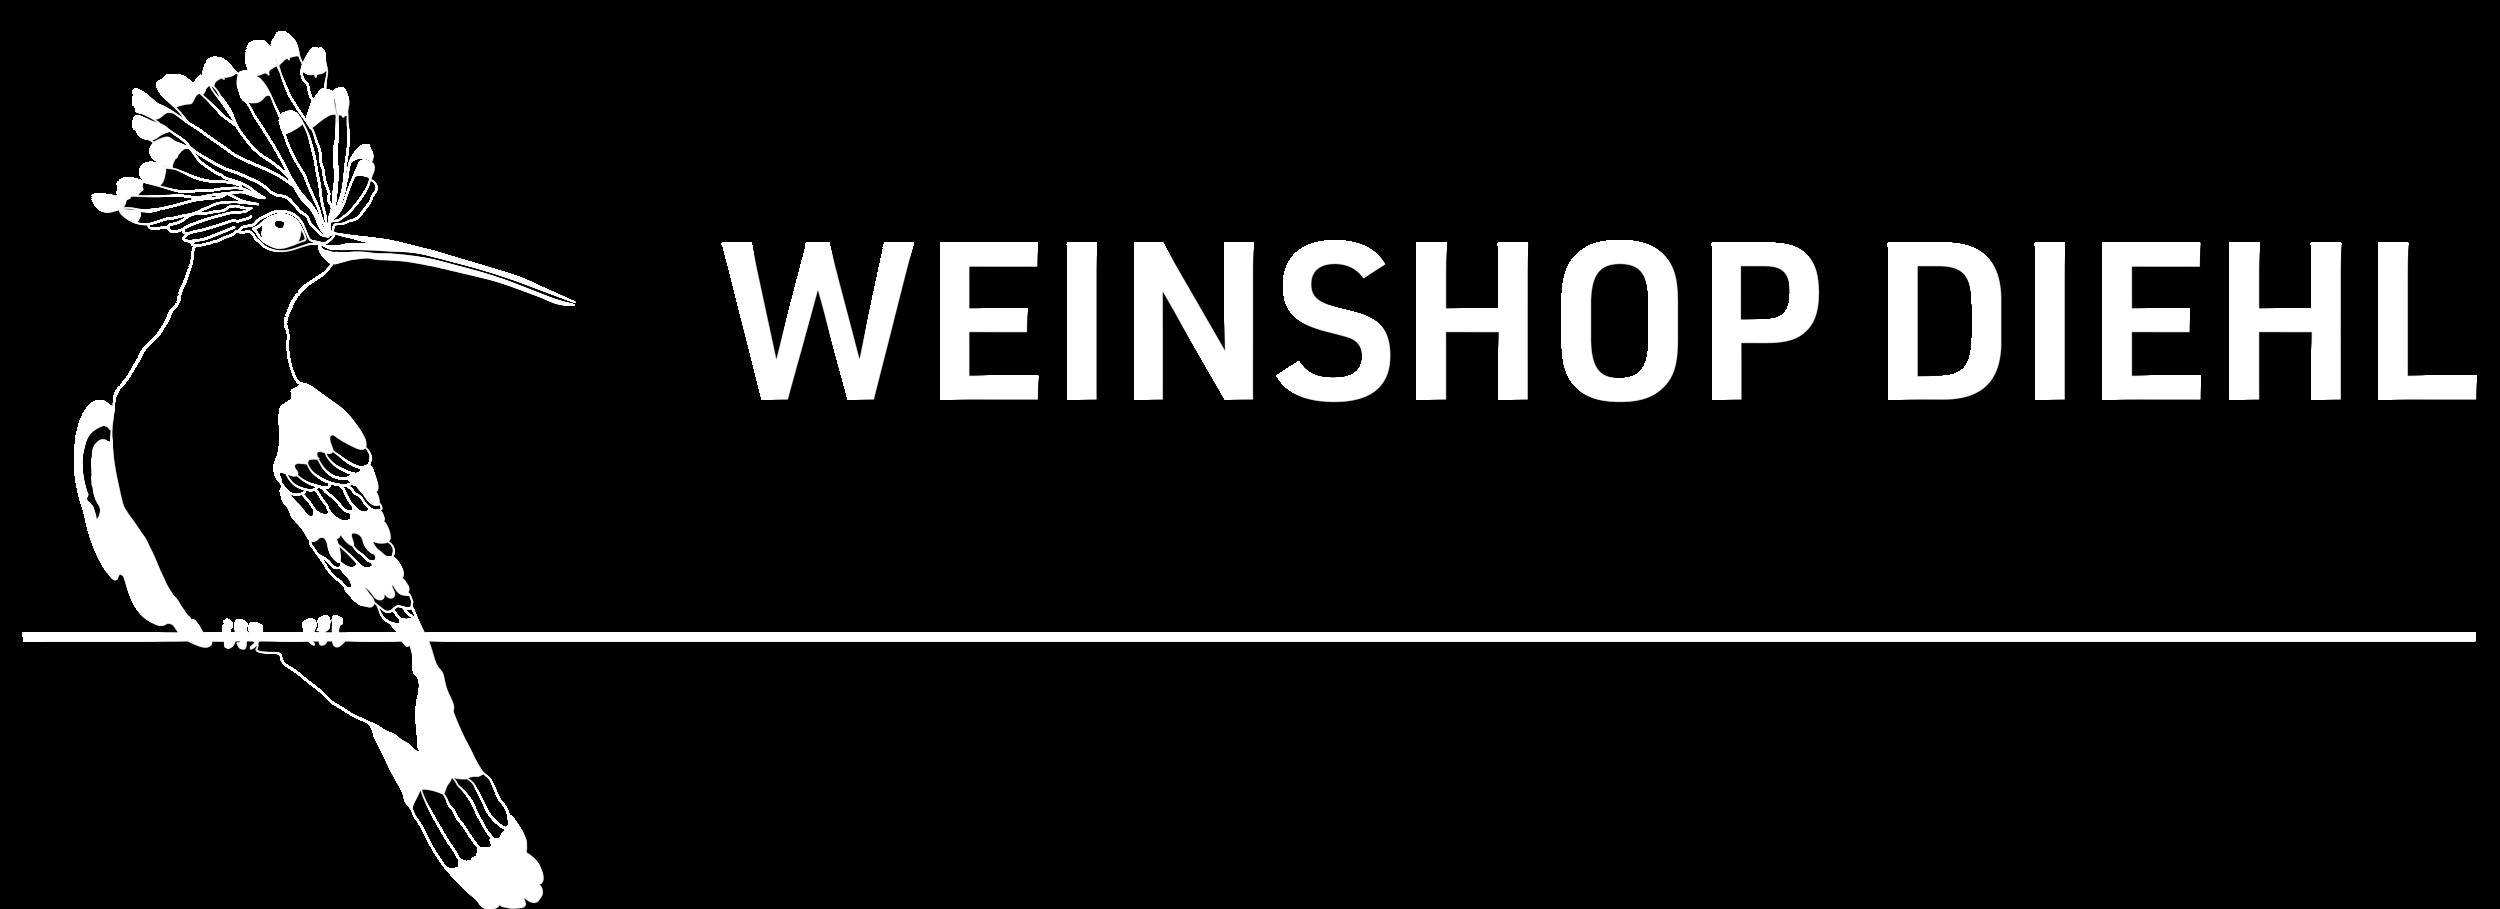 WiedehopfLinieFlaecheWEINSHOP_weiss_schatten_Zeichenfläche 1.png